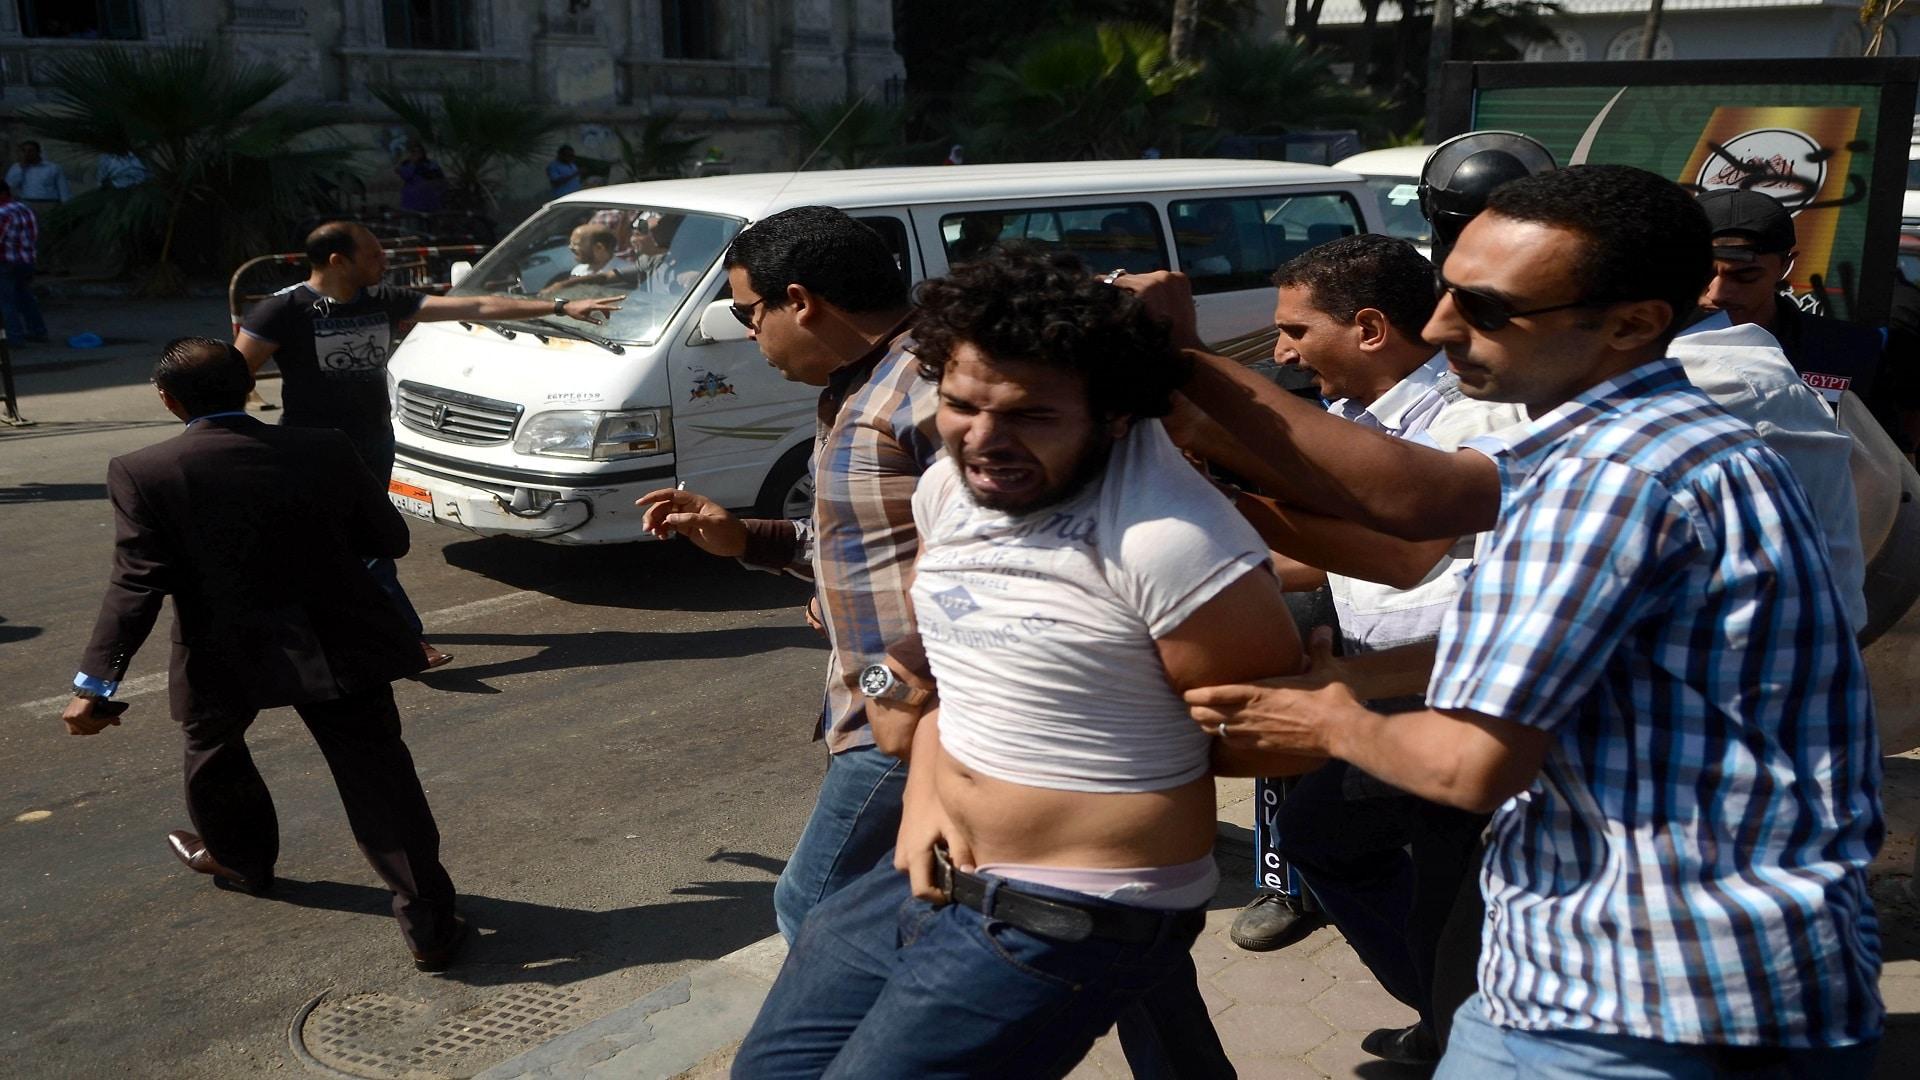 عناصر شرطة يعتقلون مصريا